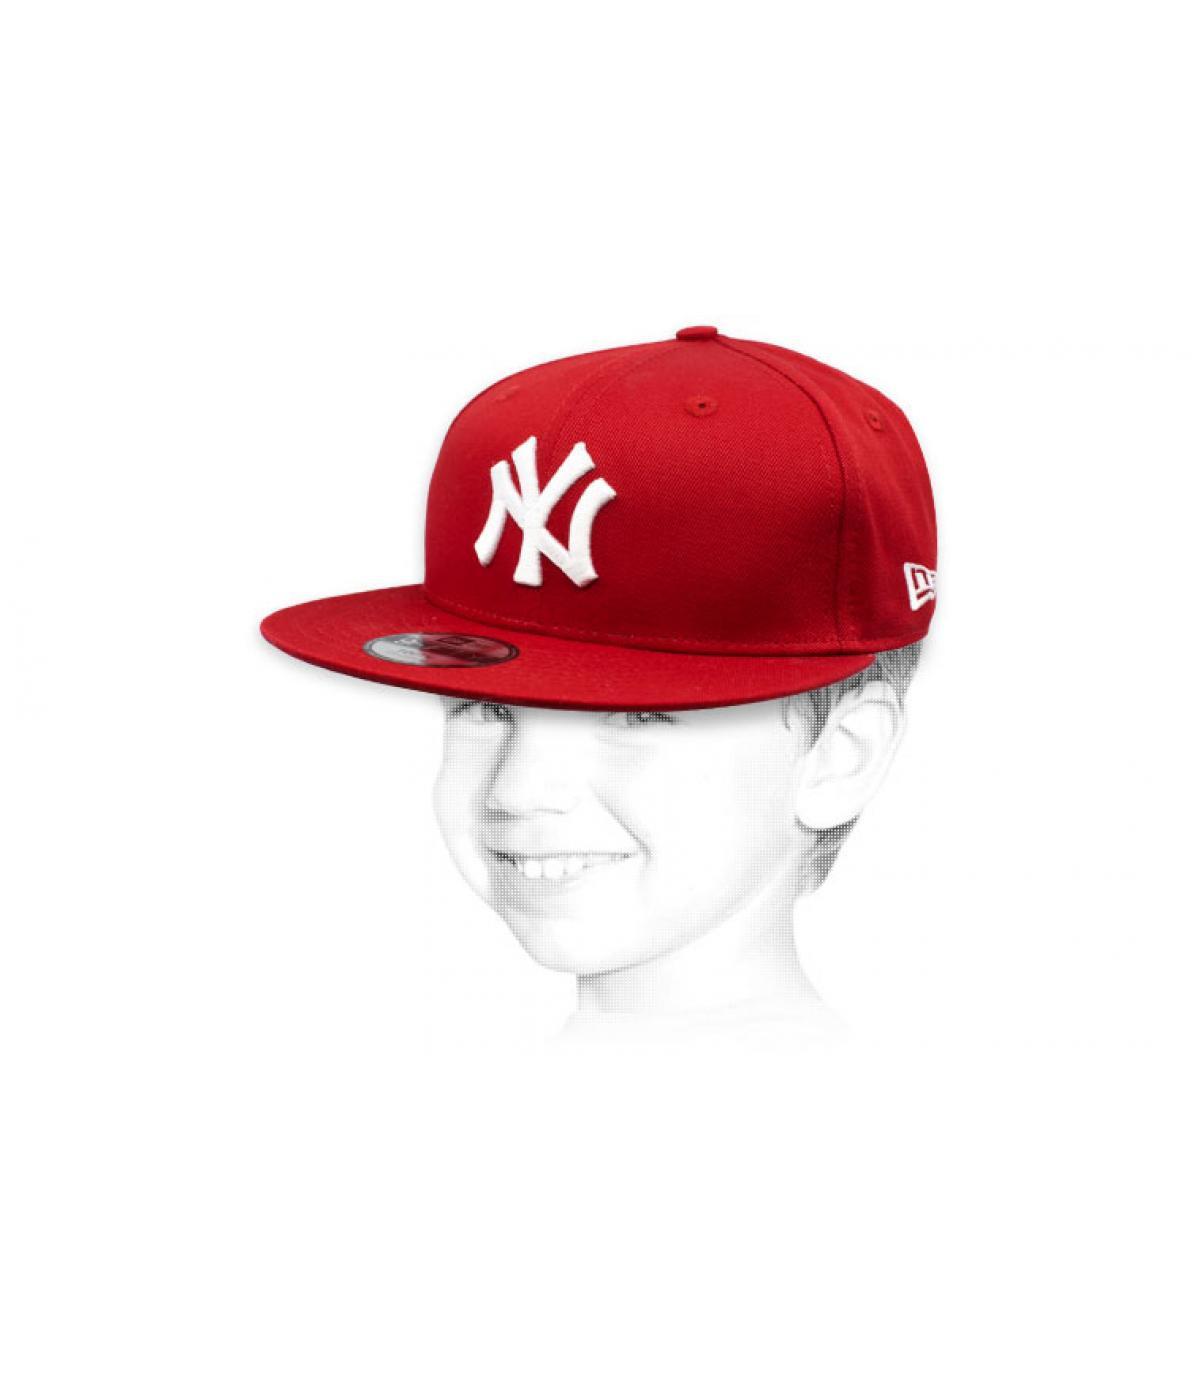 casquette enfant NY rouge blanc